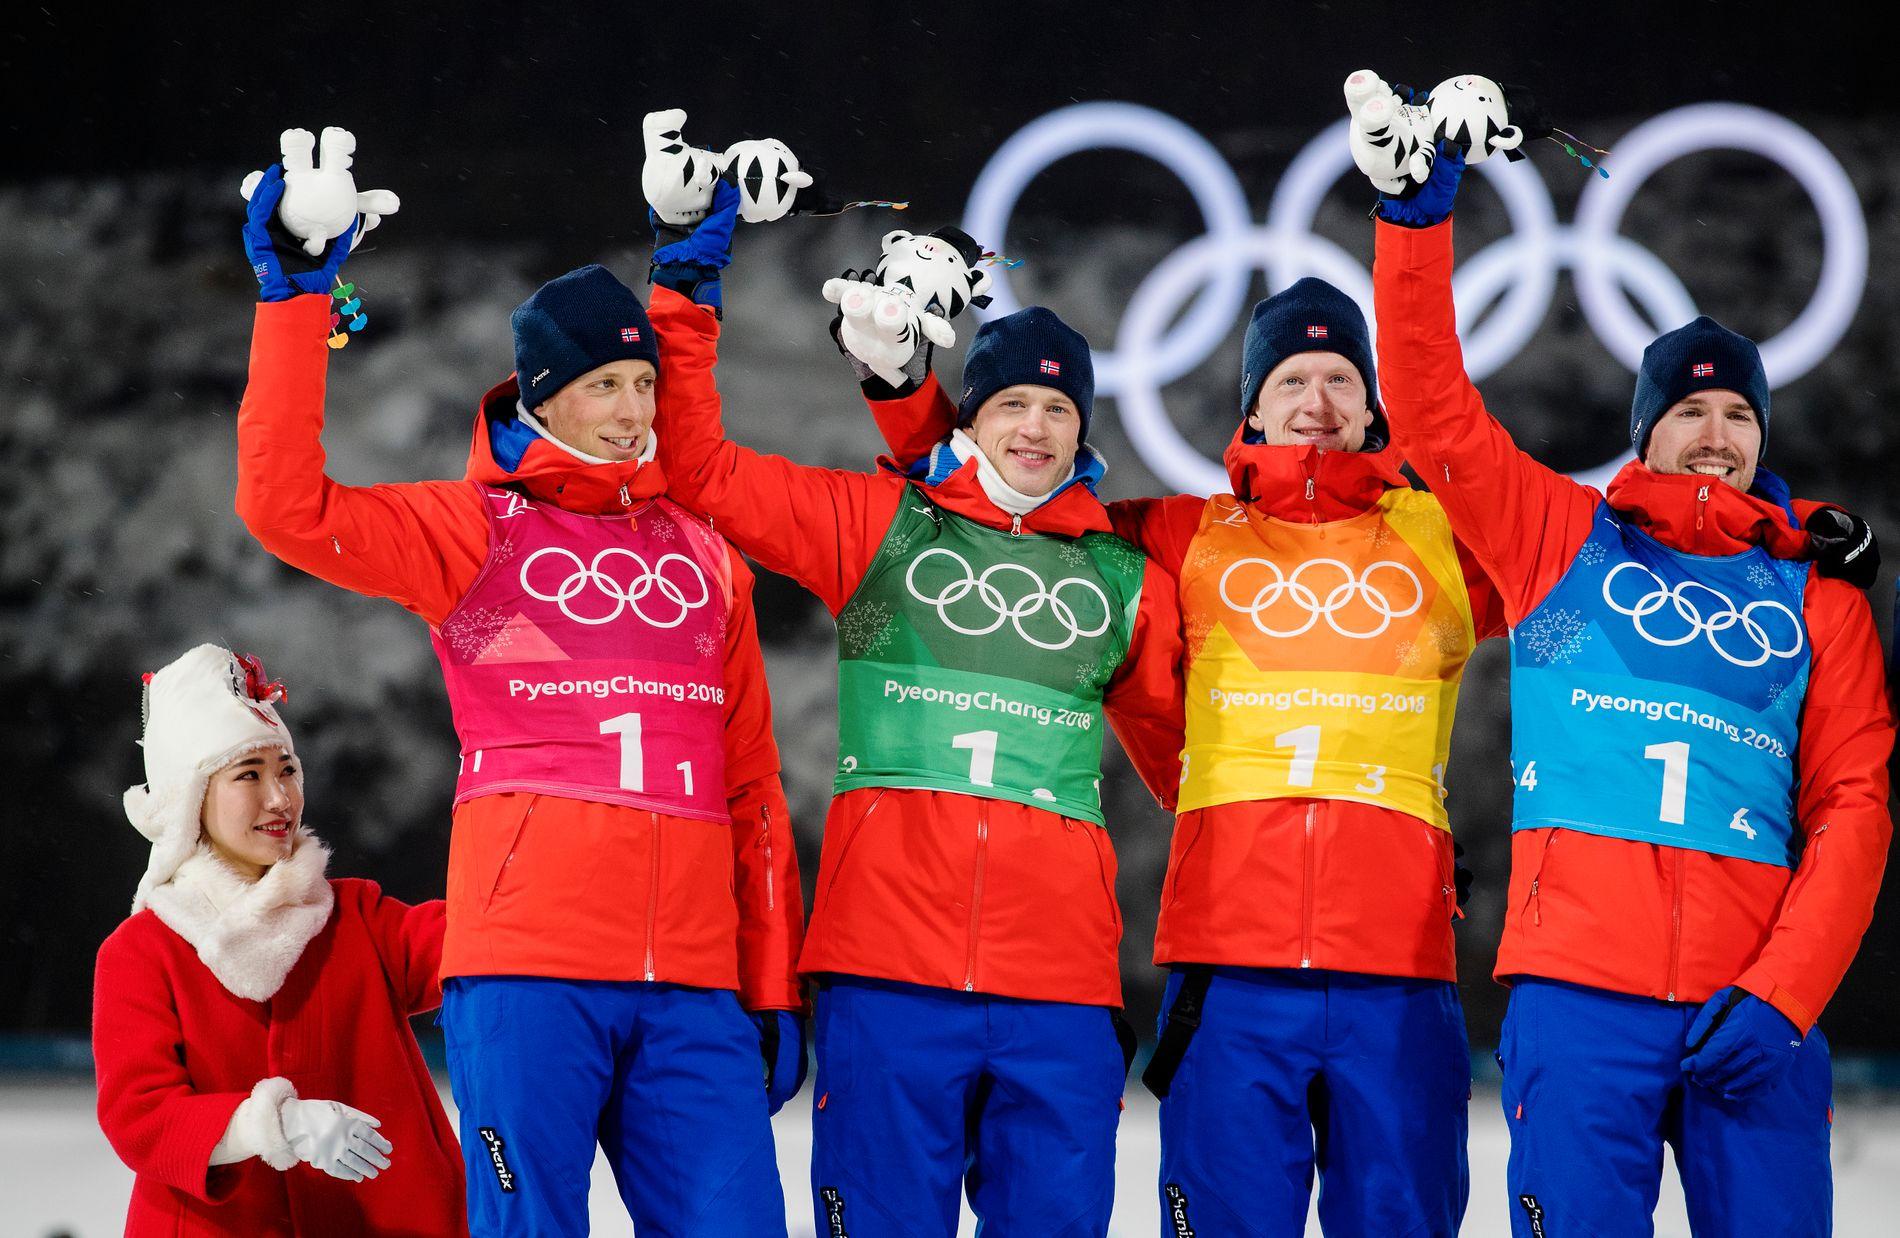 SØLVGUTTER: Lars Helge Birkeland, Tarjei Bø, Johannes Thingnes Bø og Emil Hegle Svendsen tok sølv på stafetten i Pyeongchang.